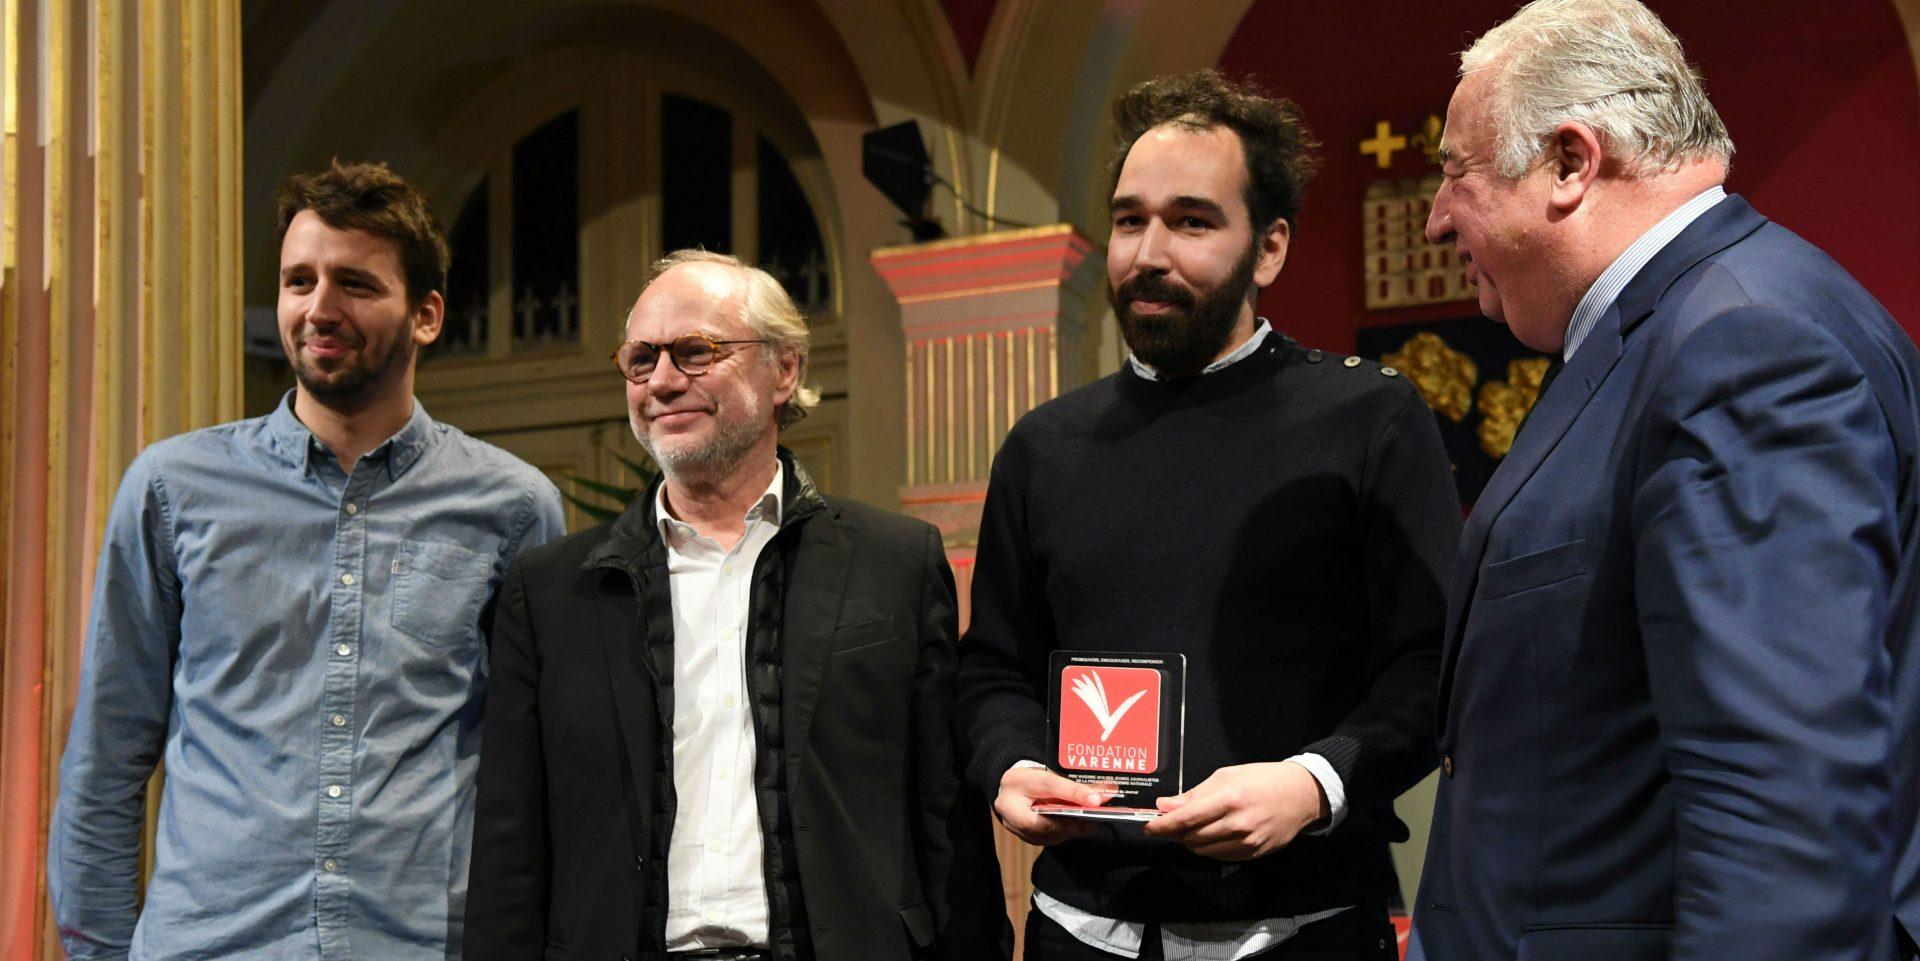 Vincent Coquaz et Ismaël Halissat Libération Prix Jeune journaliste PQN entourés de Laurent Joffrin